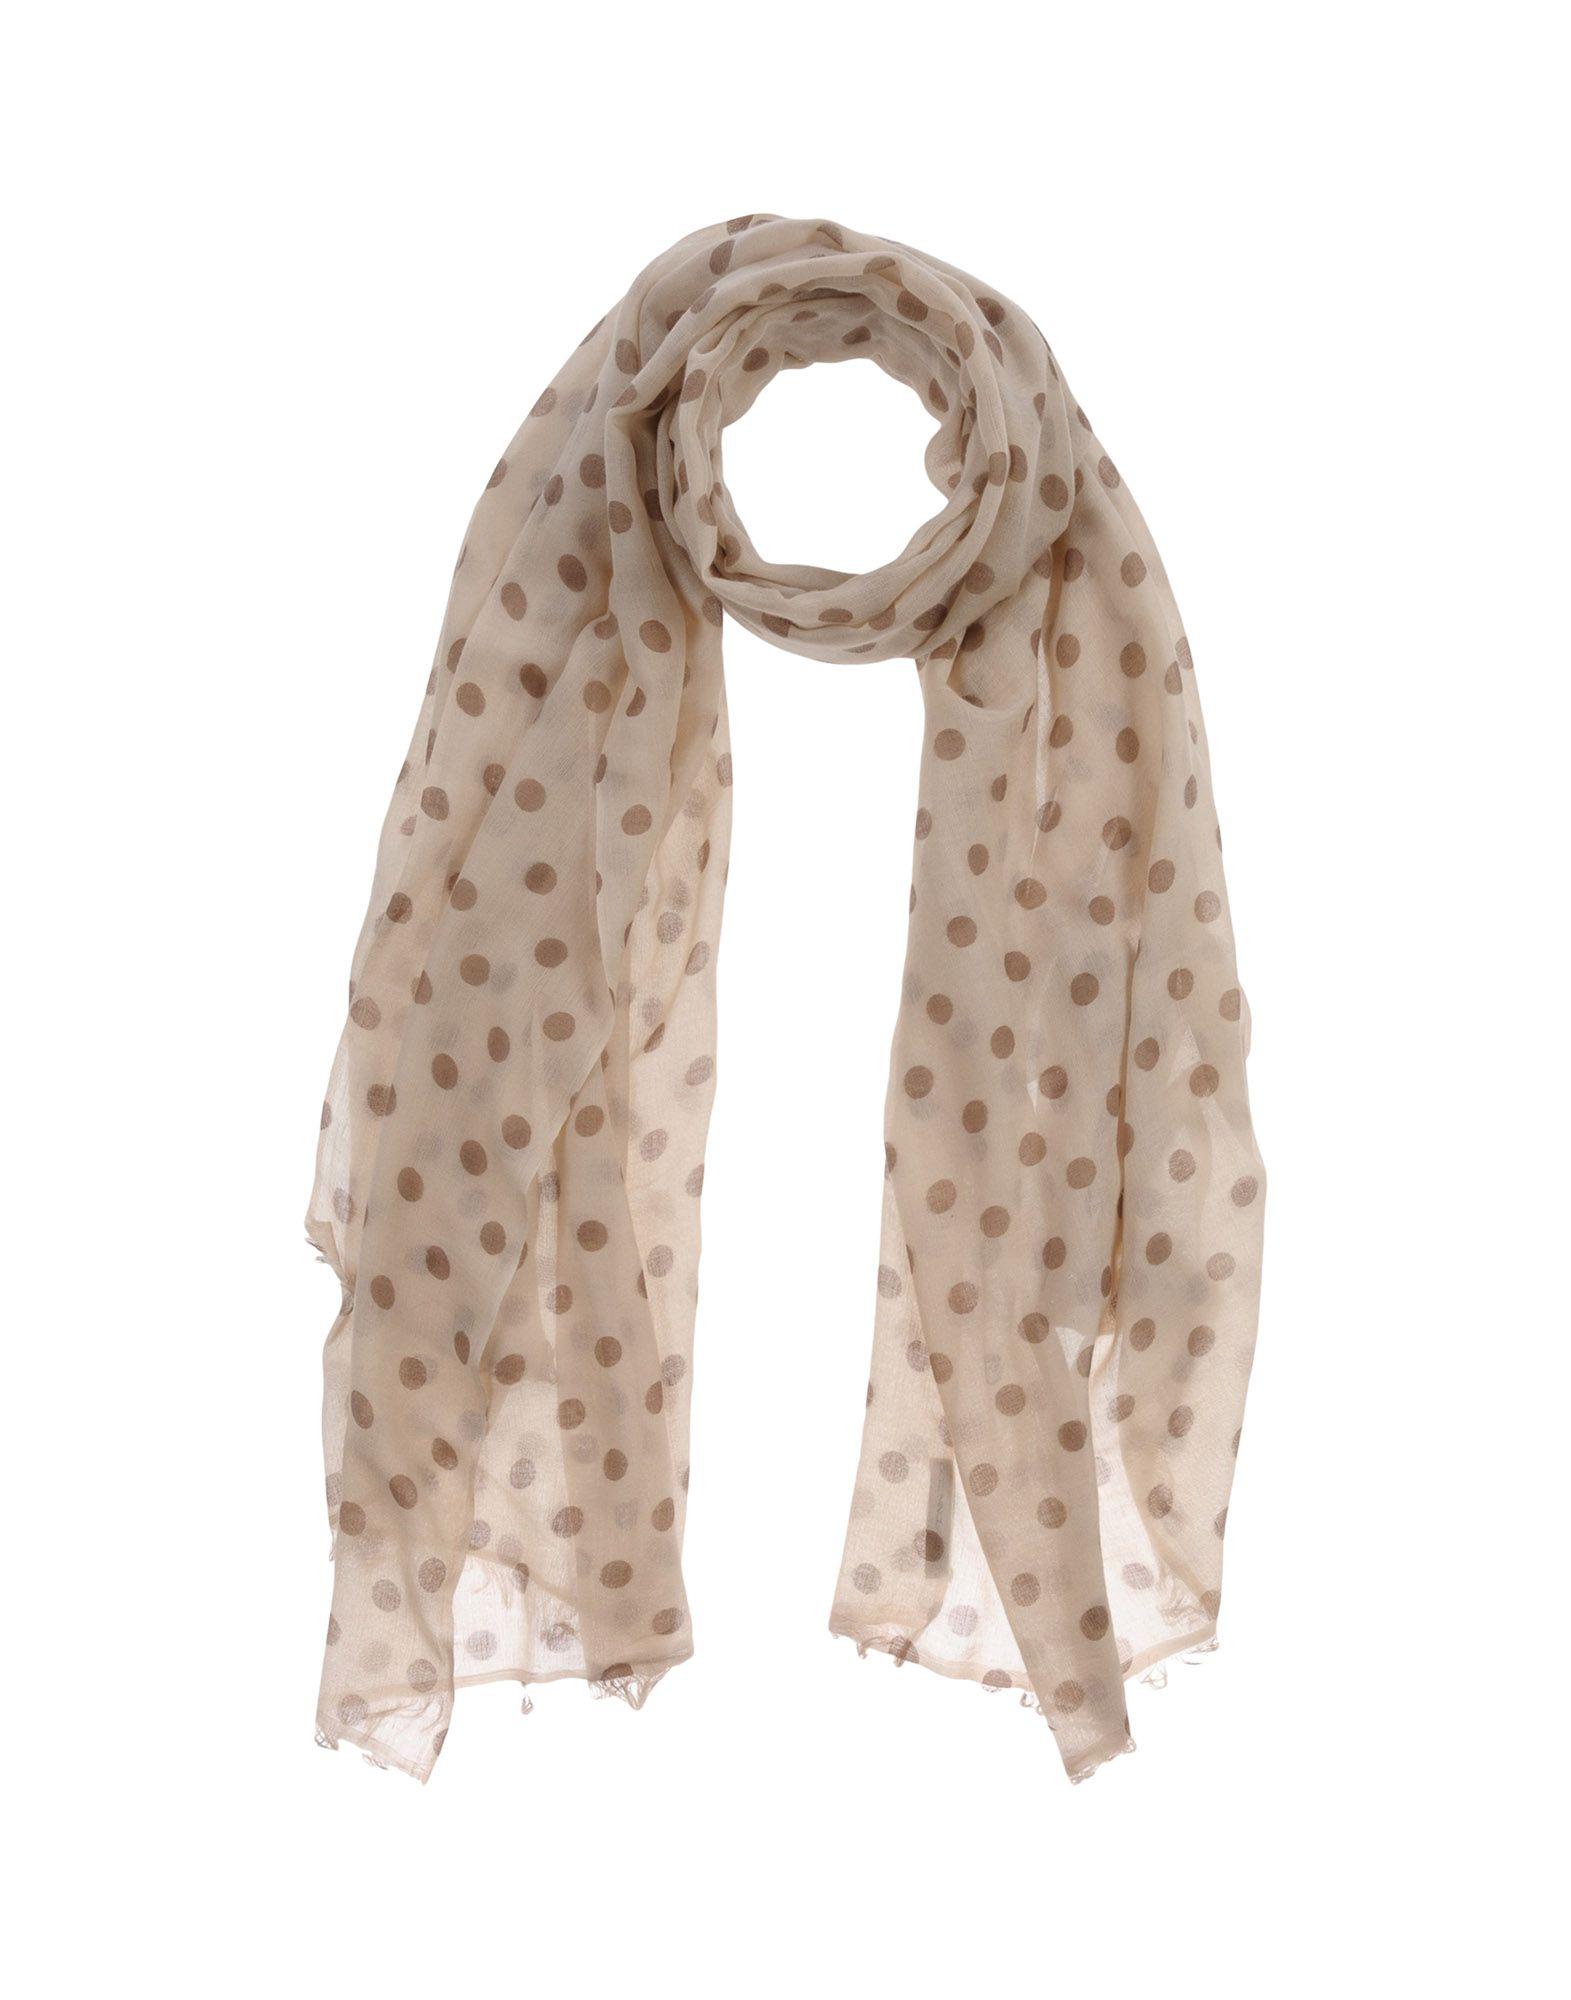 PASHMINA DI GAYNOR BONGARD Палантин women long range real silk gauze wool floral embroider pashmina scarf